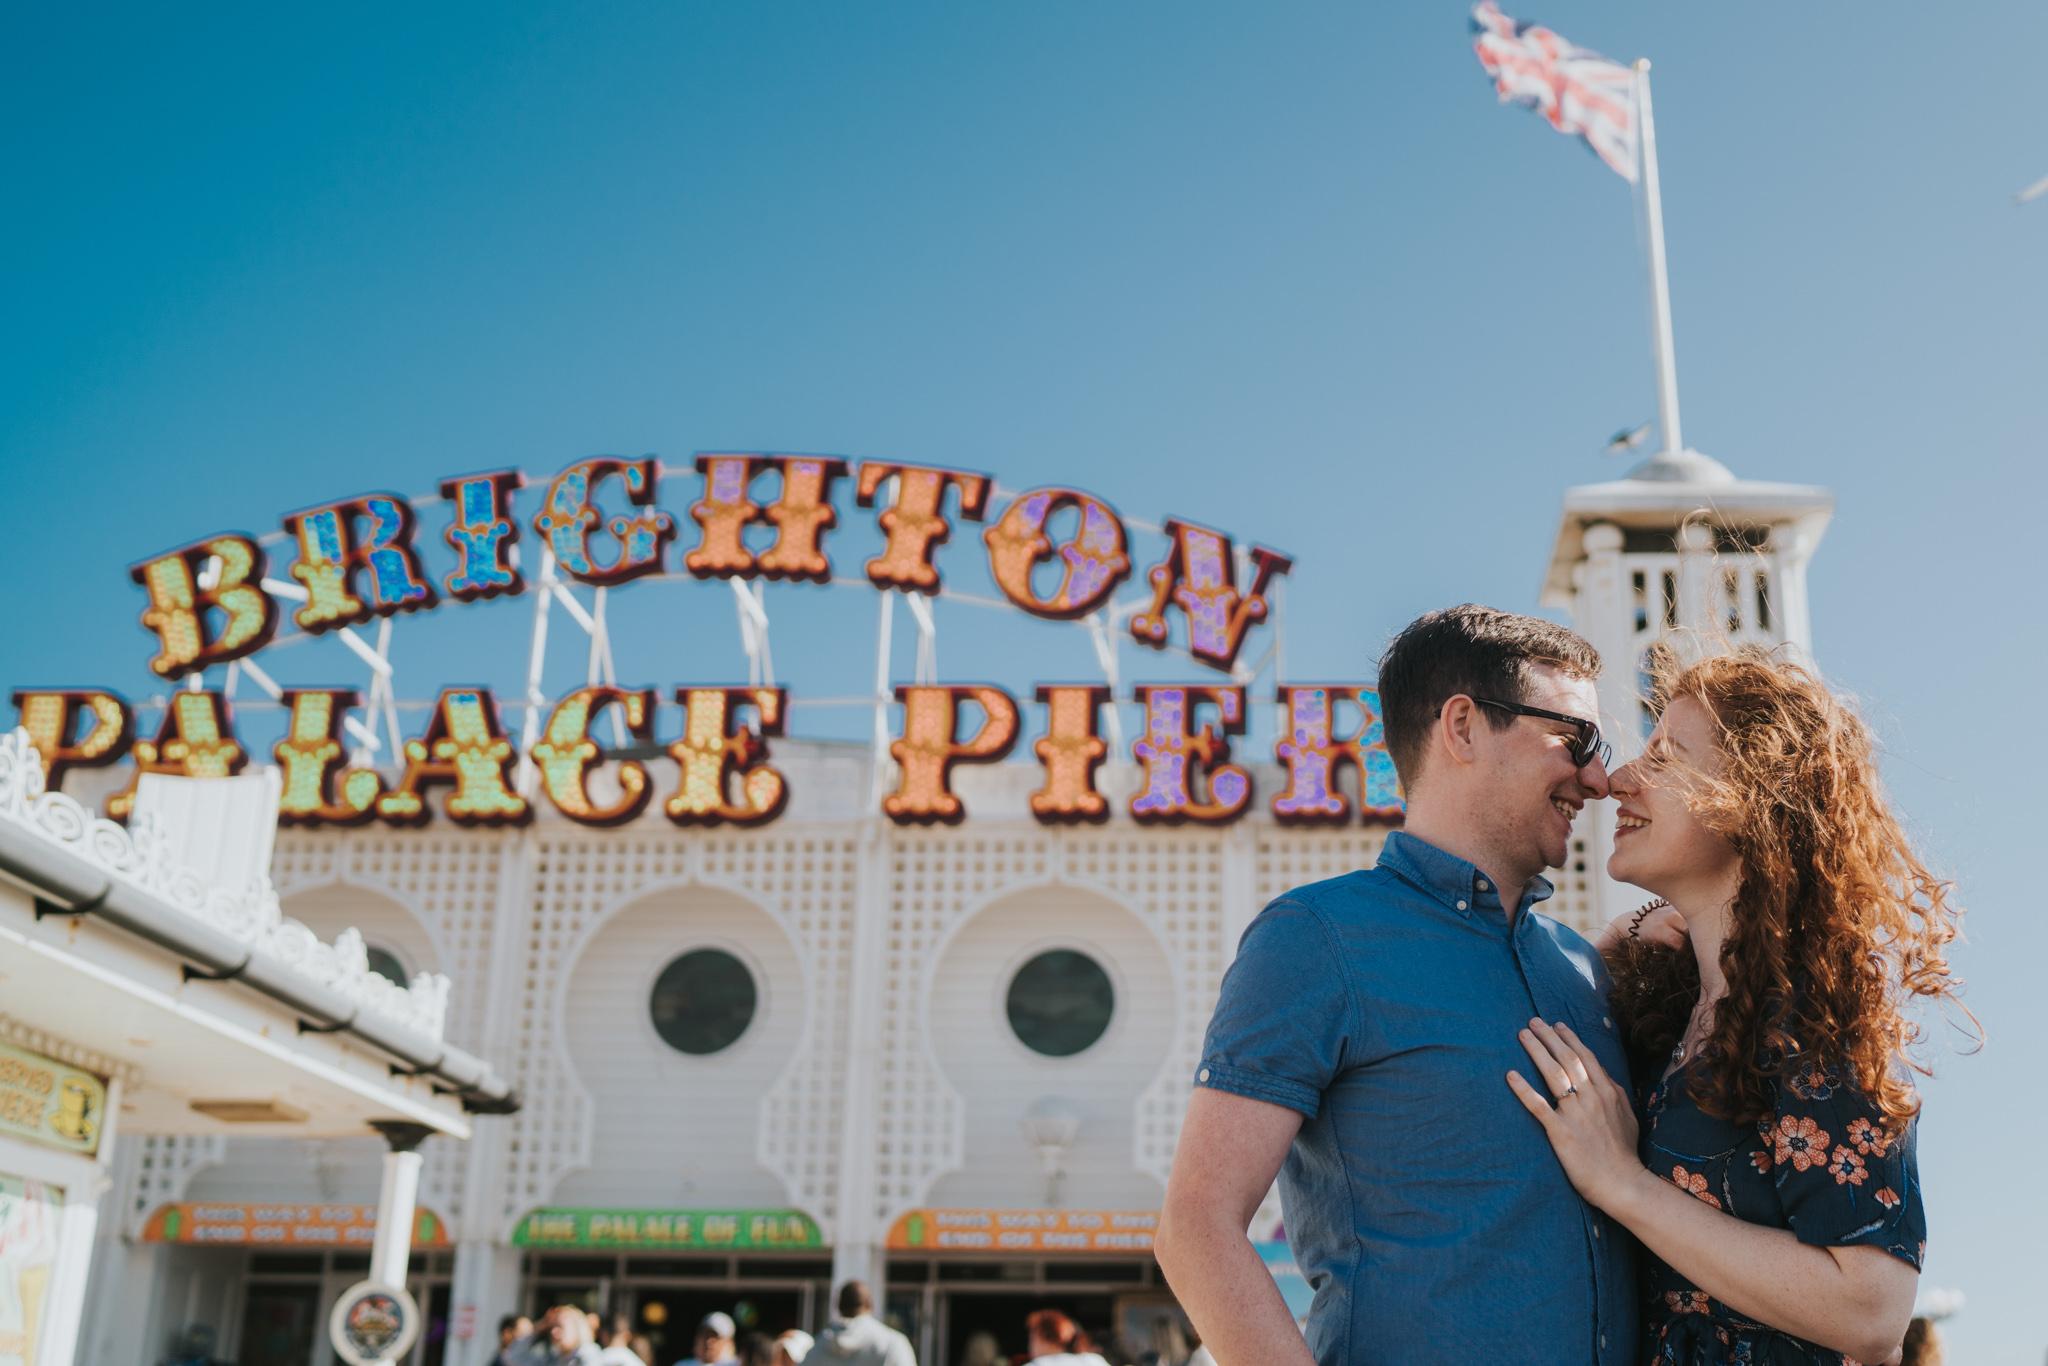 philippa-mark-pre-wedding-session-brighton-pier-colchester-grace-elizabeth-colchester-essex-alternative-wedding-lifestyle-photographer-essex-suffolk-norfolk-devon-11.jpg